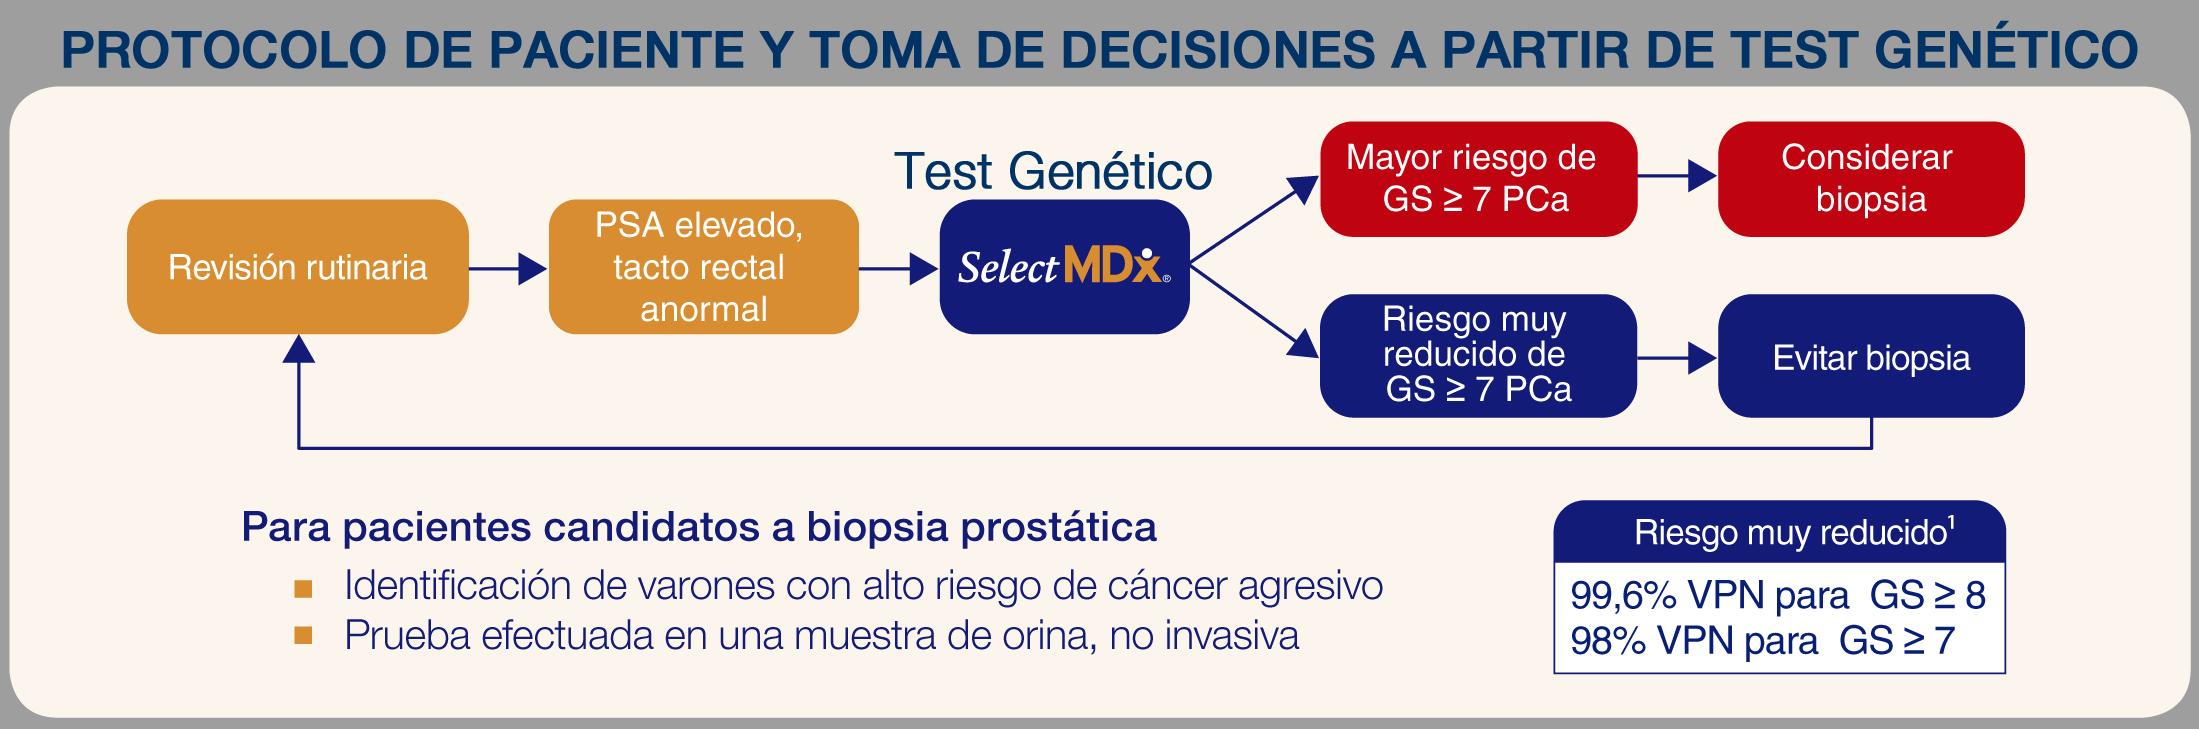 Somos el primer hospital del sureste que ofrece un test genético para diagnóstico de cáncer de próstata